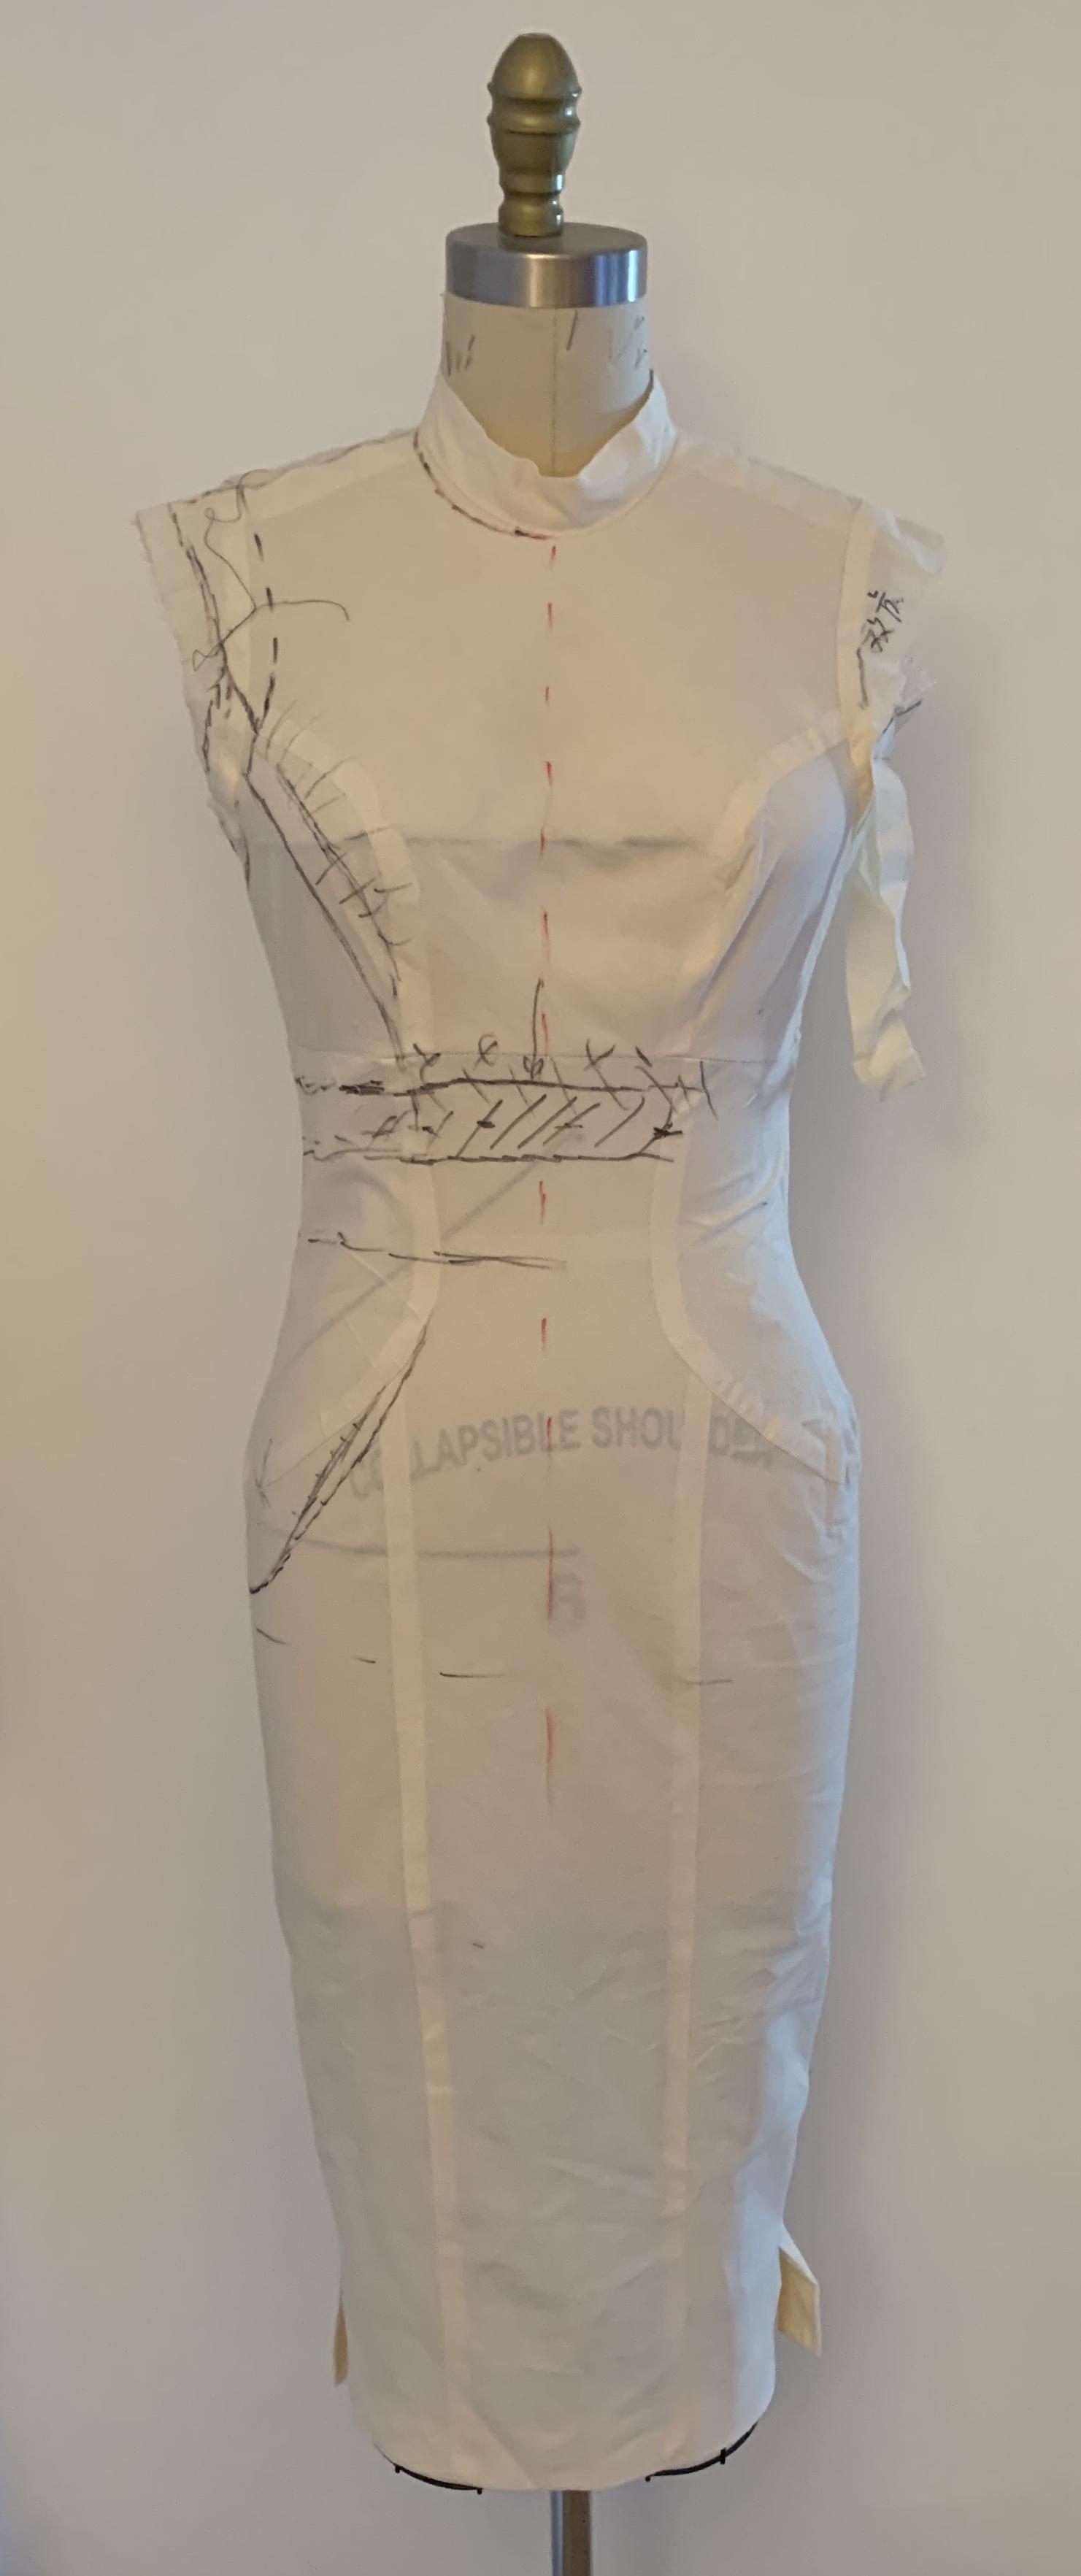 Prototype Garment